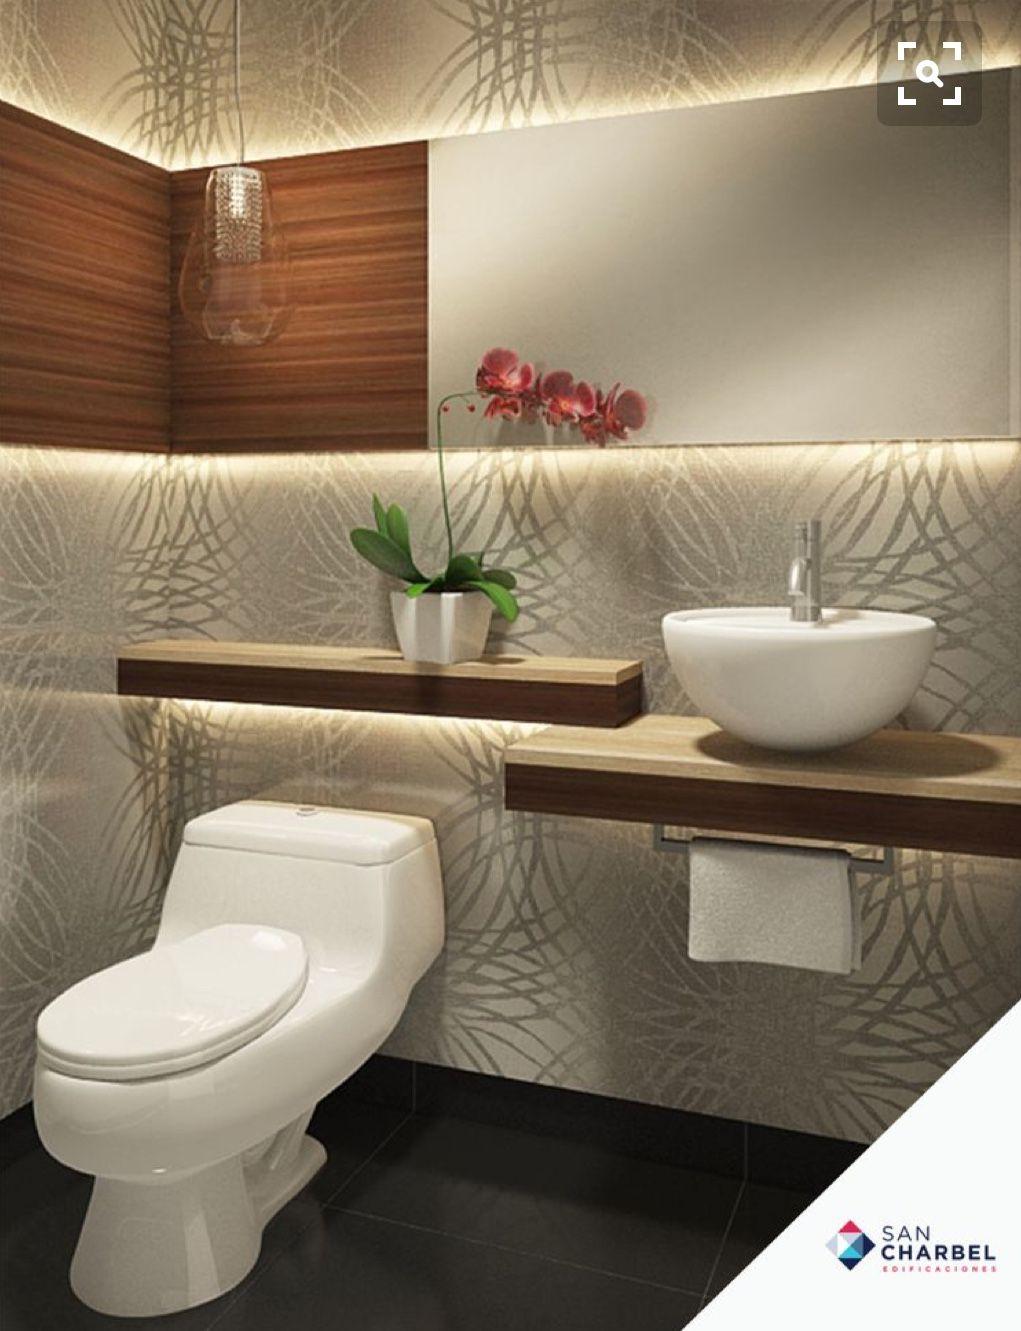 Pin de juan salas en medio ba o pinterest decoraci n for Diseno medio bano